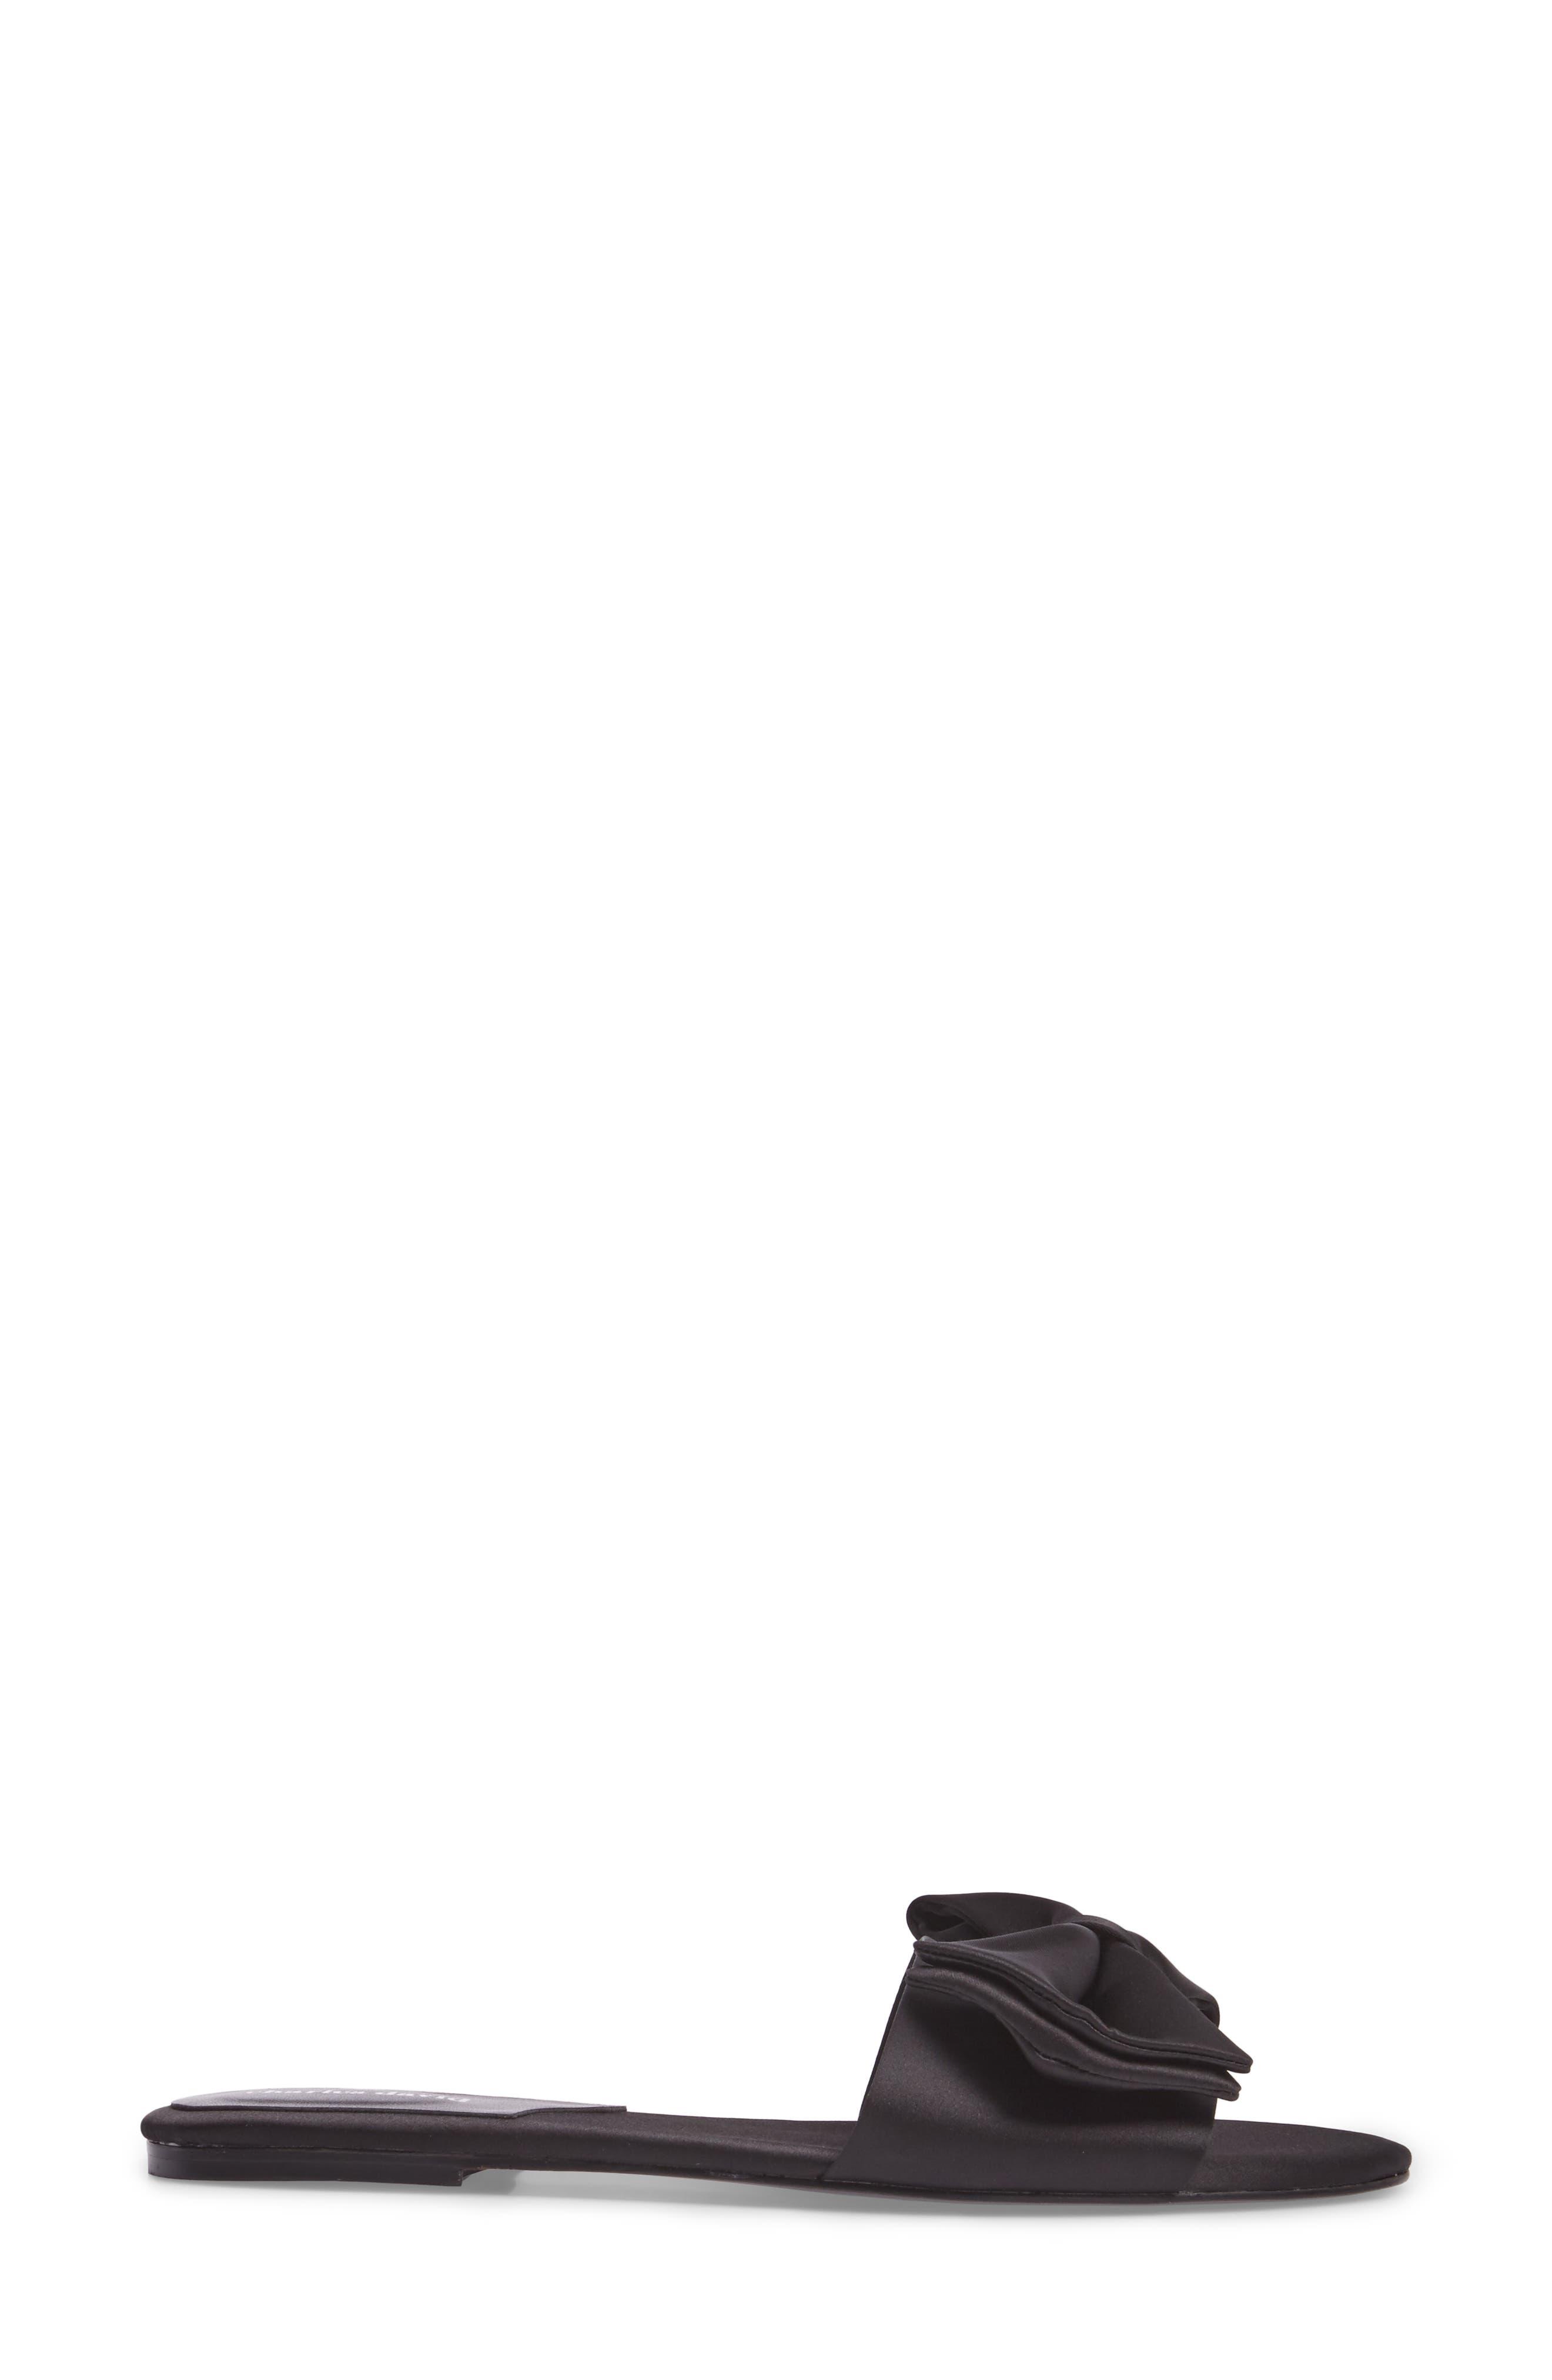 Alternate Image 3  - Charles David Bow Slide Sandal (Women)